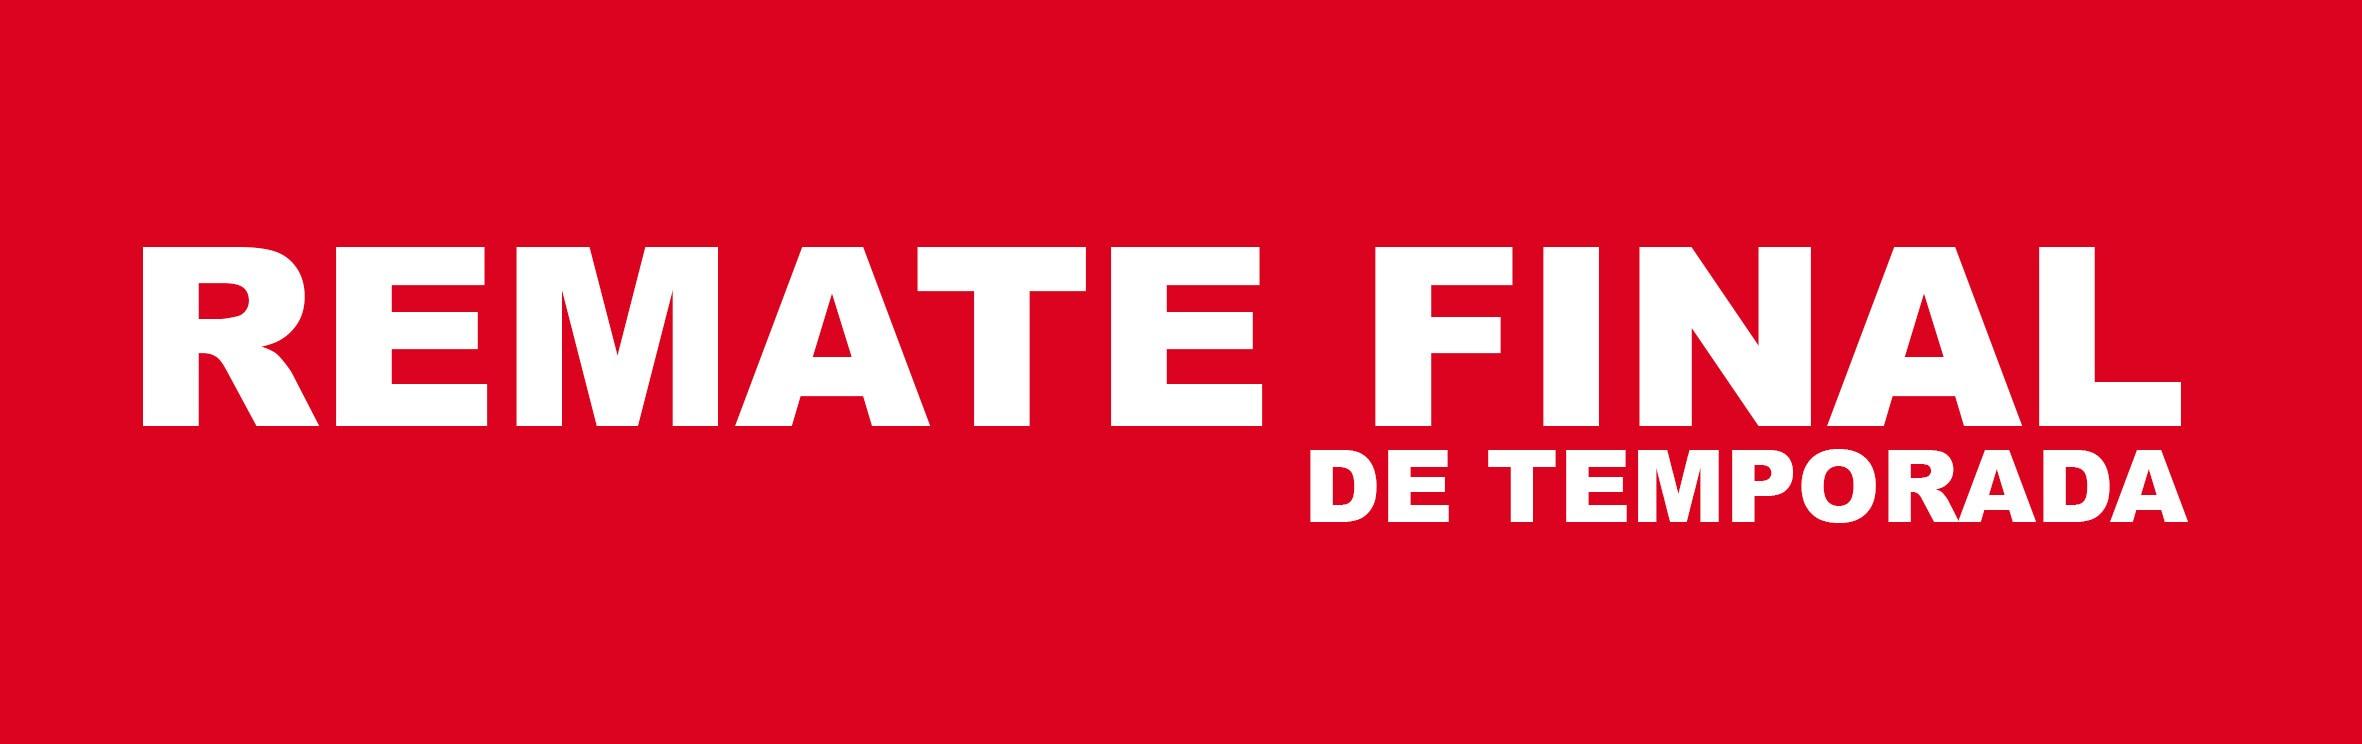 REMATE FINAL DE TEMPORADA